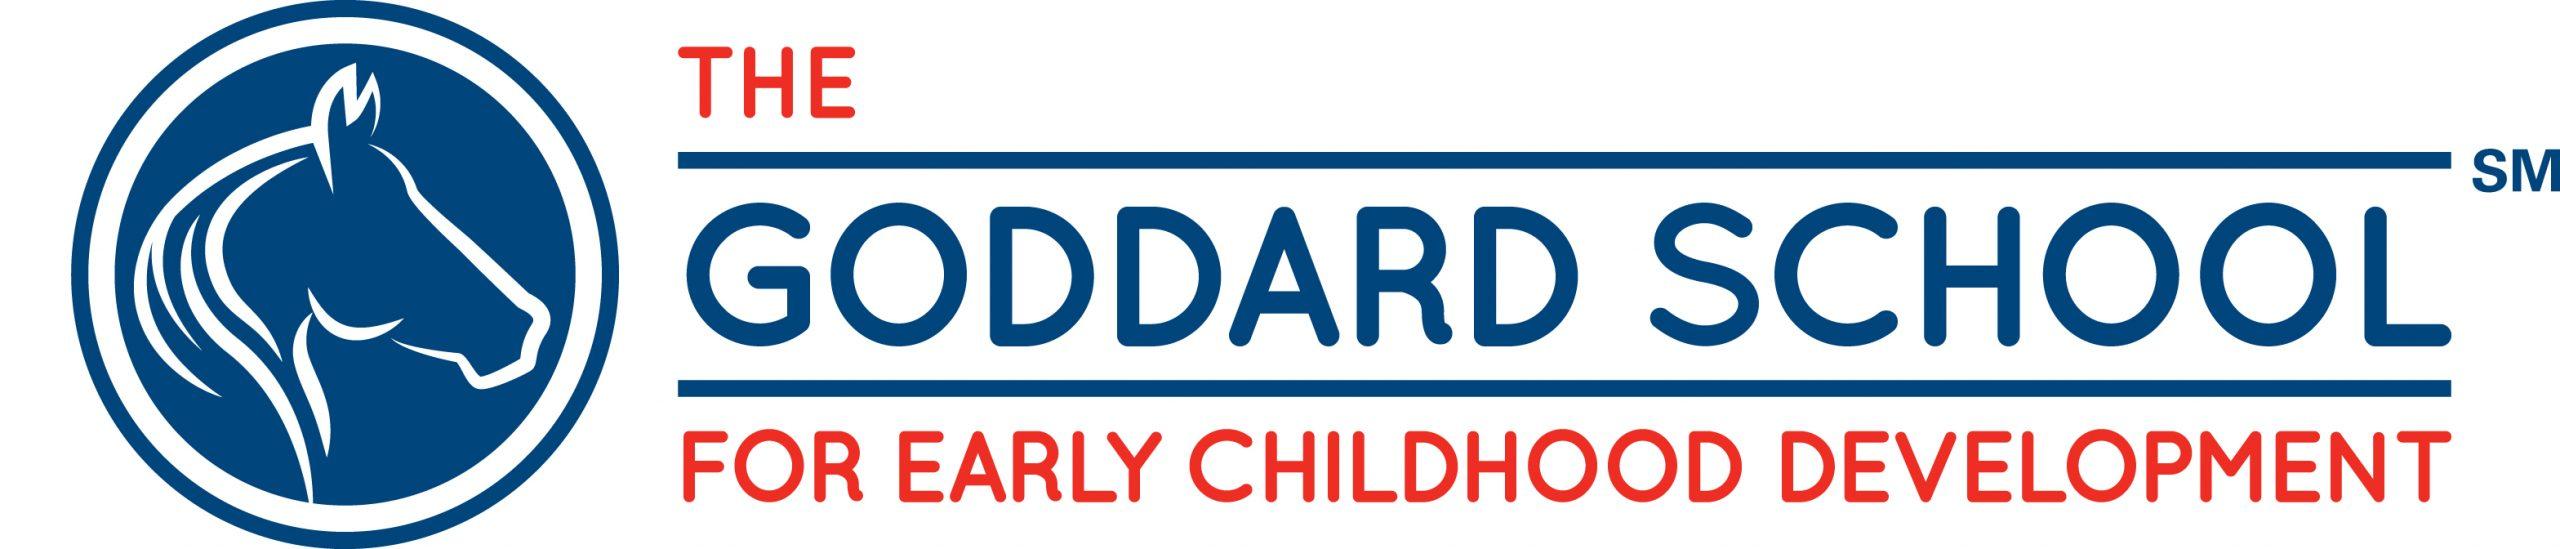 Goddard School Systems logo